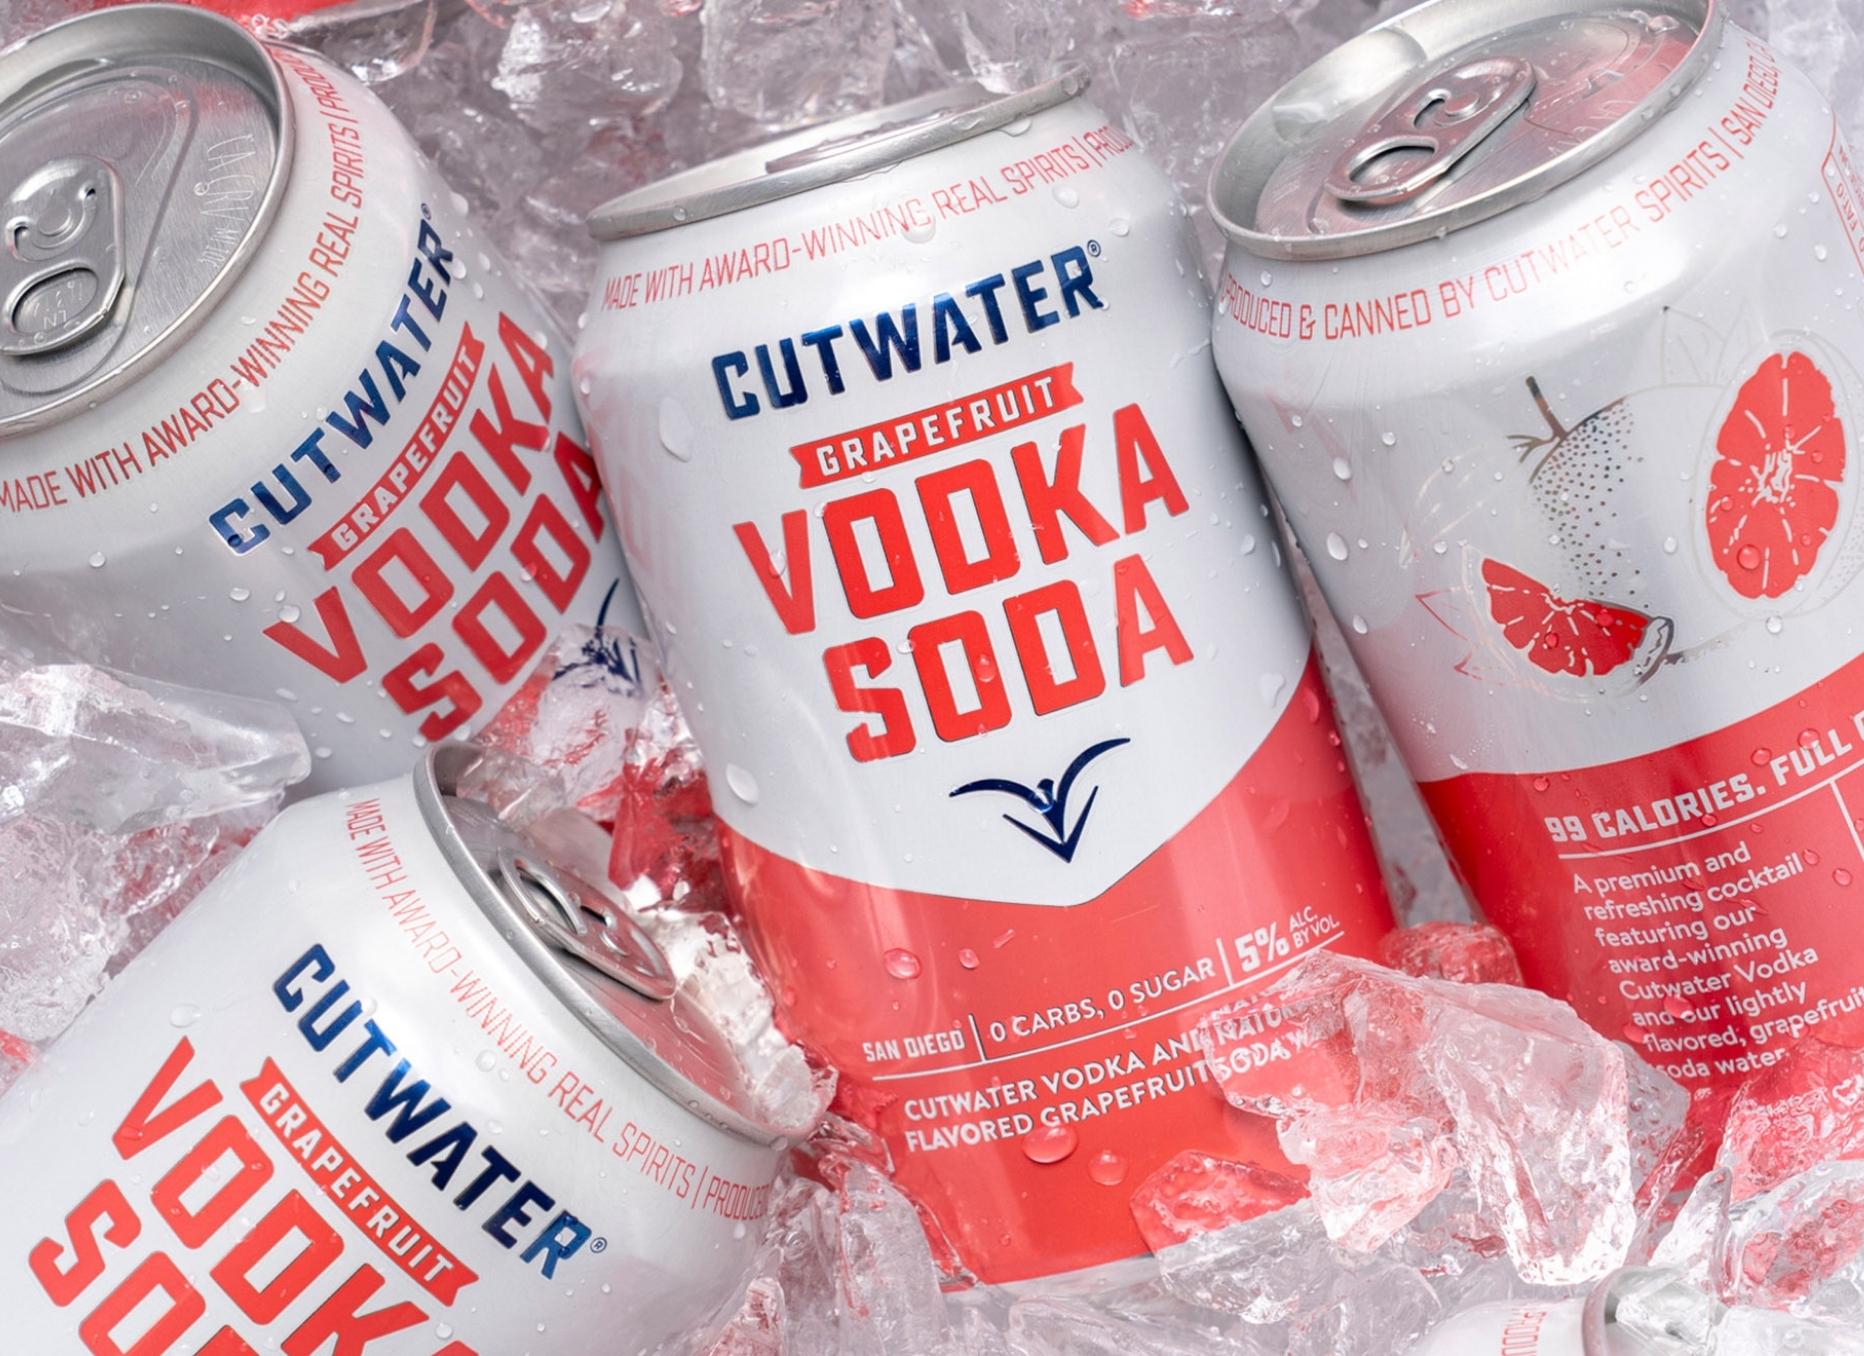 Cutwater Vodka Soda